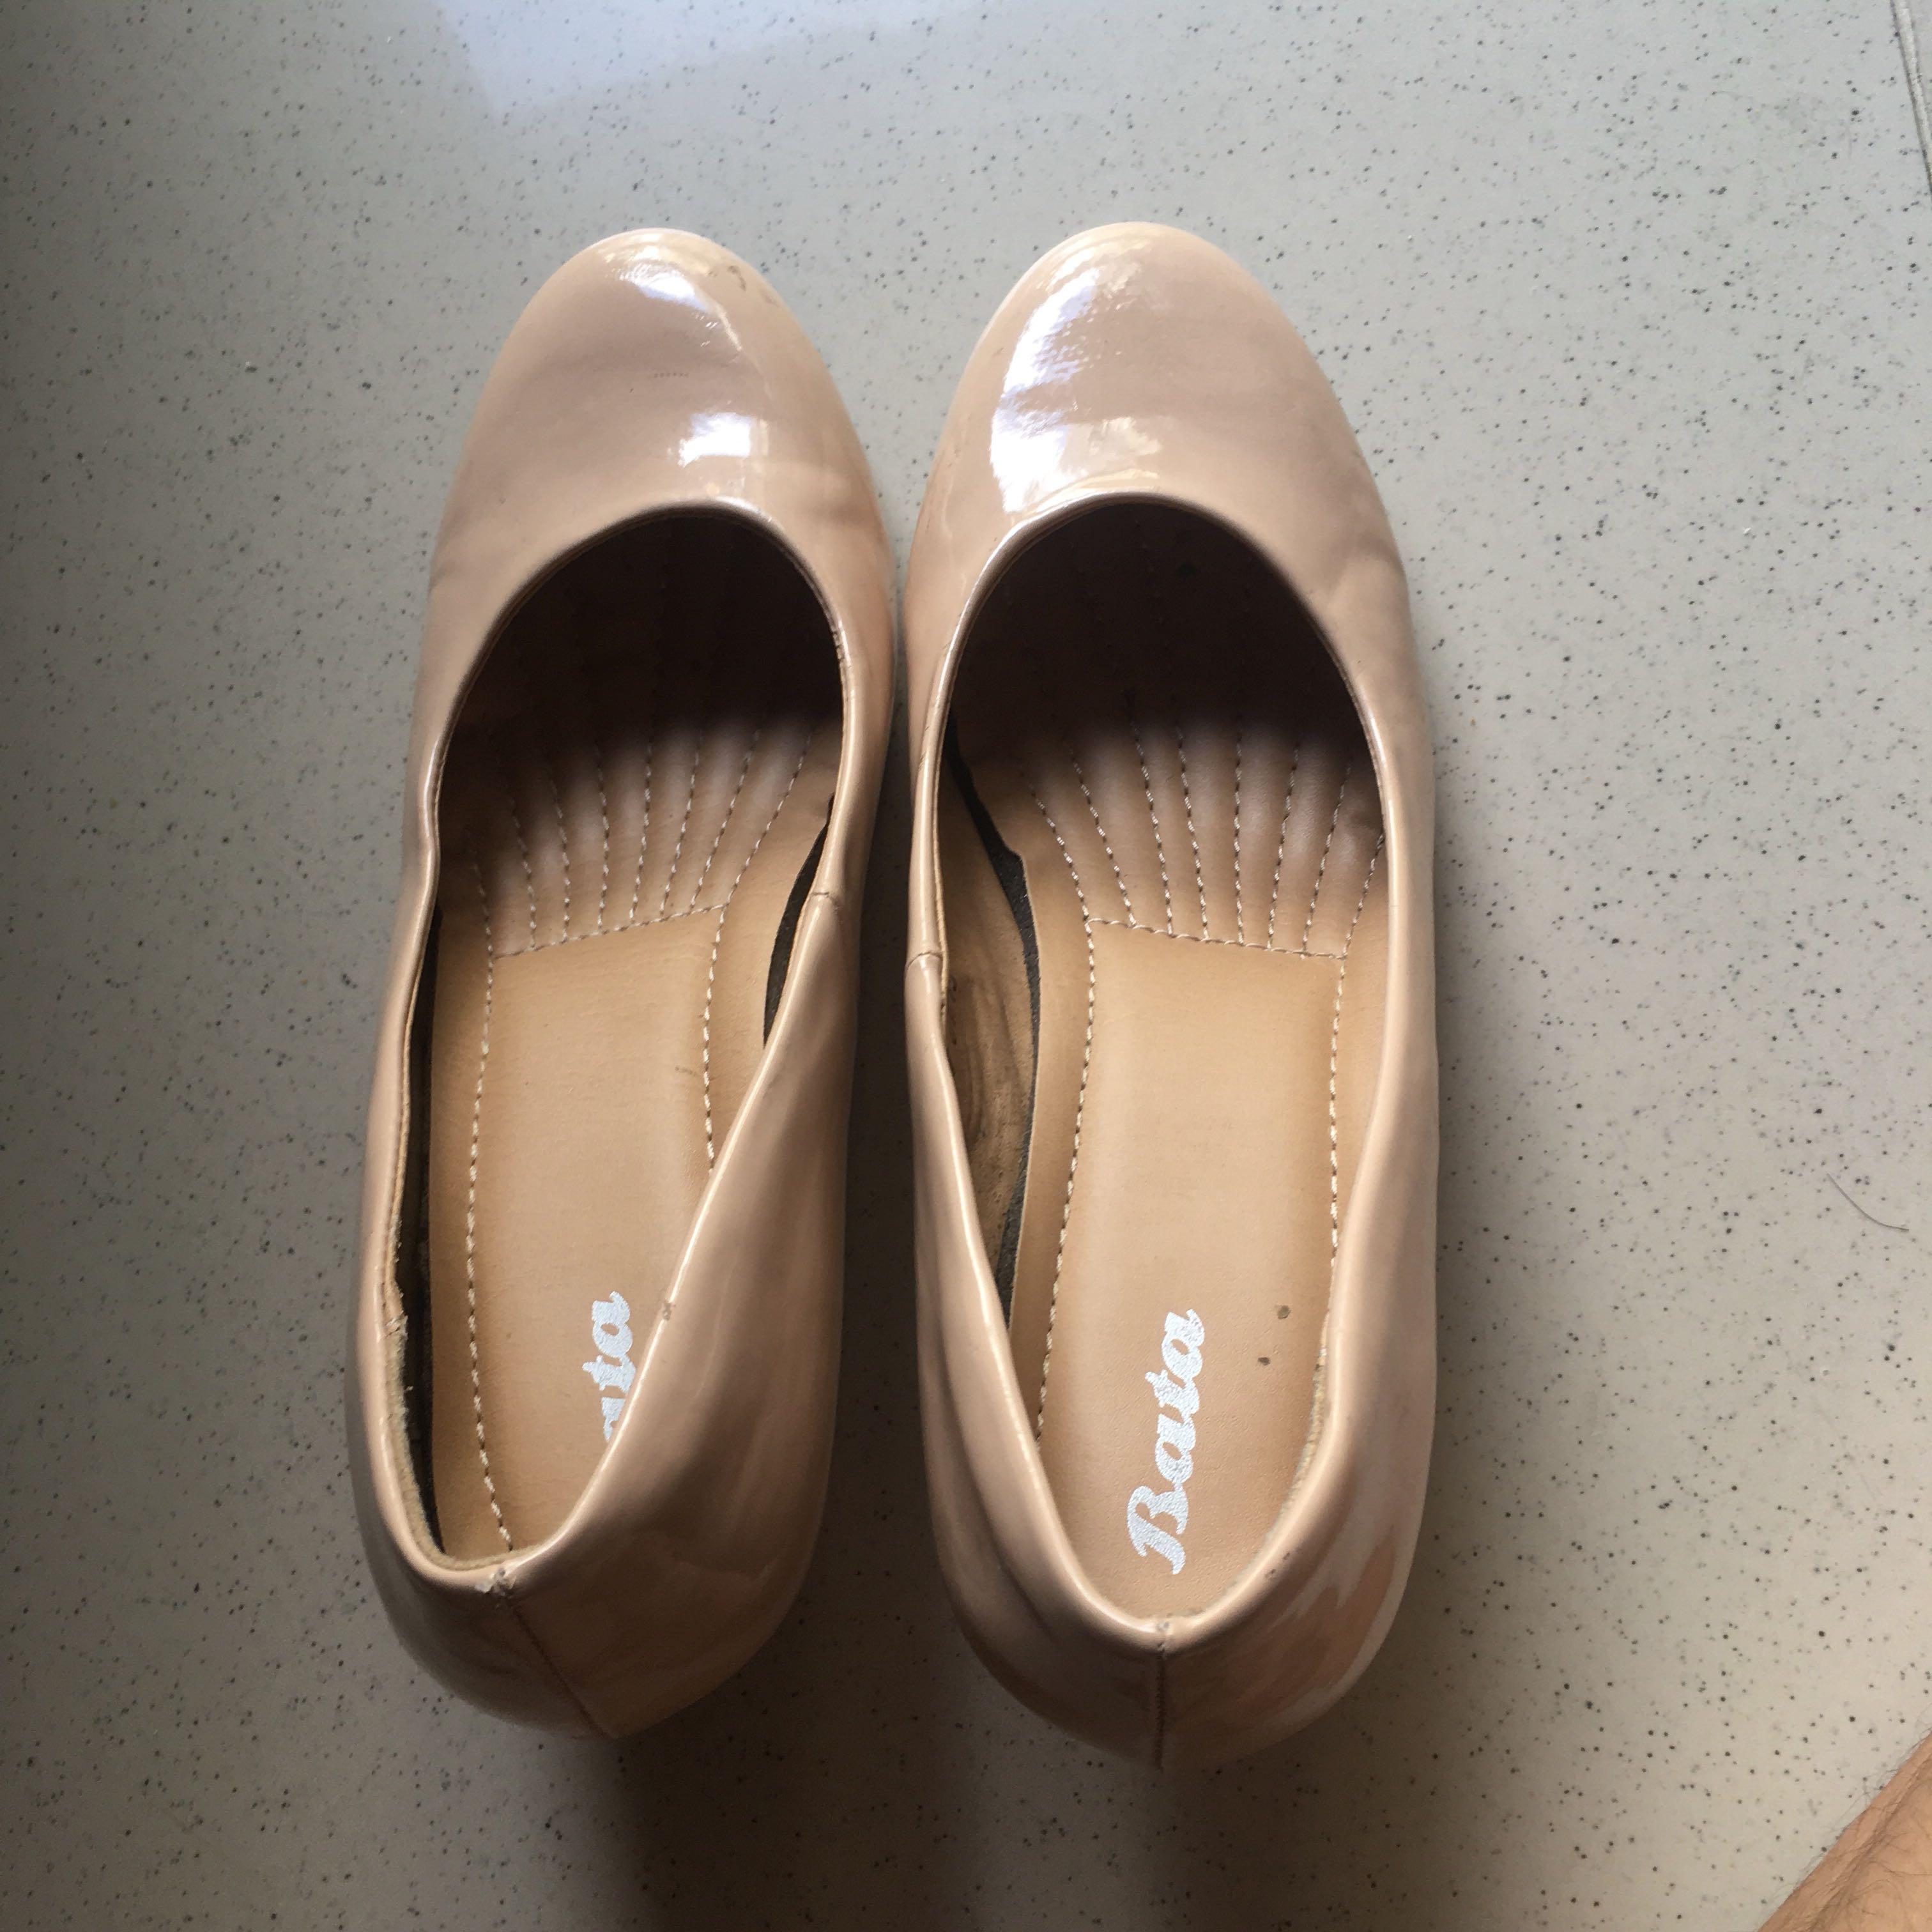 Bata nude heels